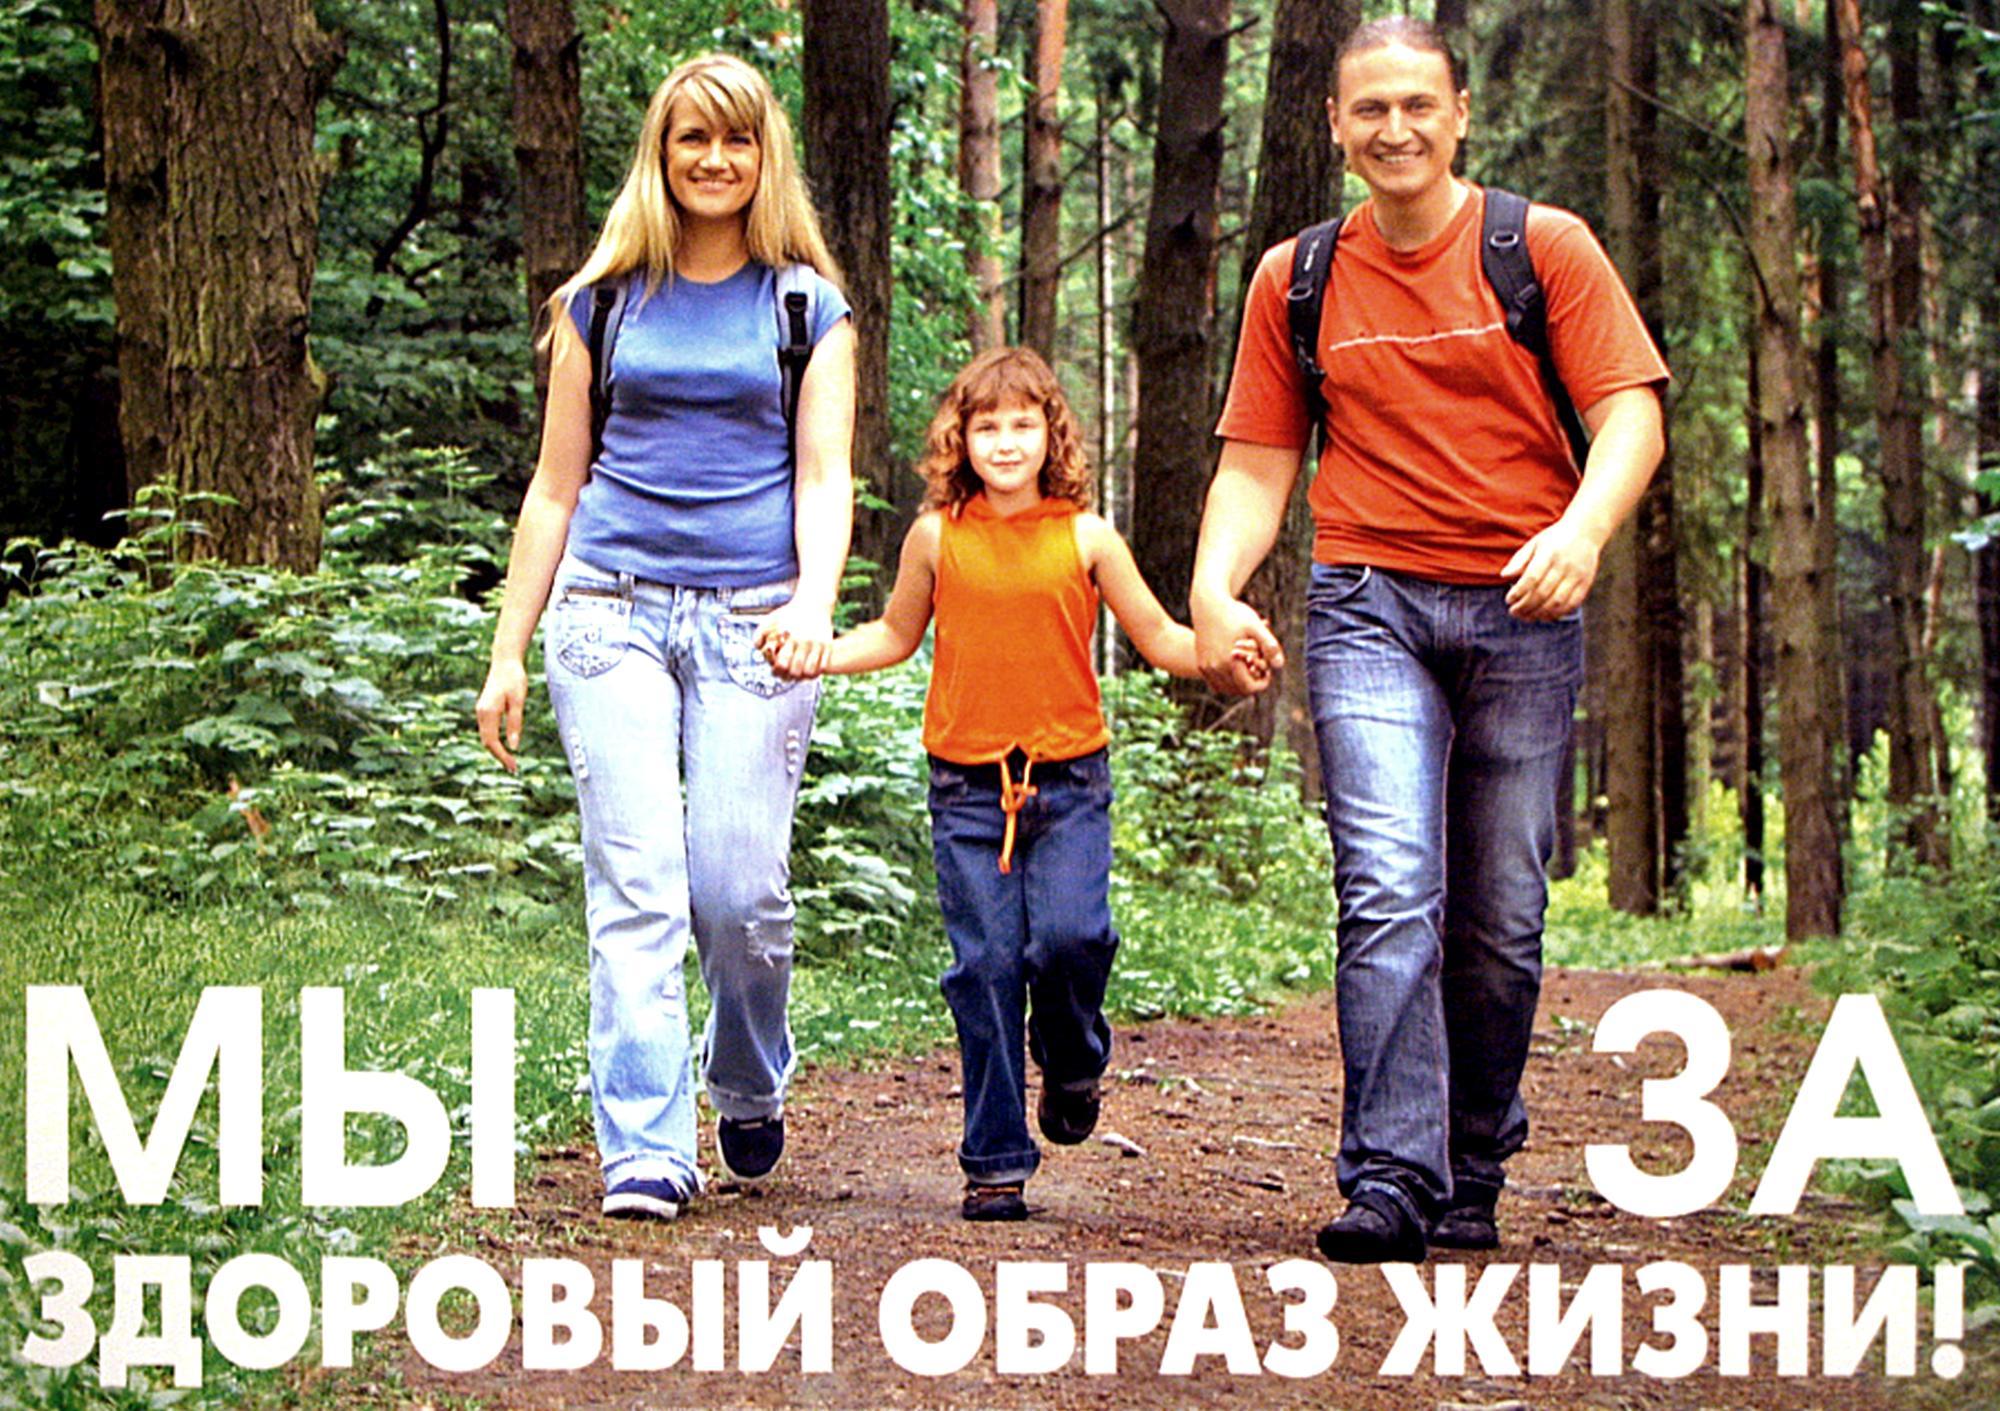 Мы за здоровый образ жизни! Семья на природе